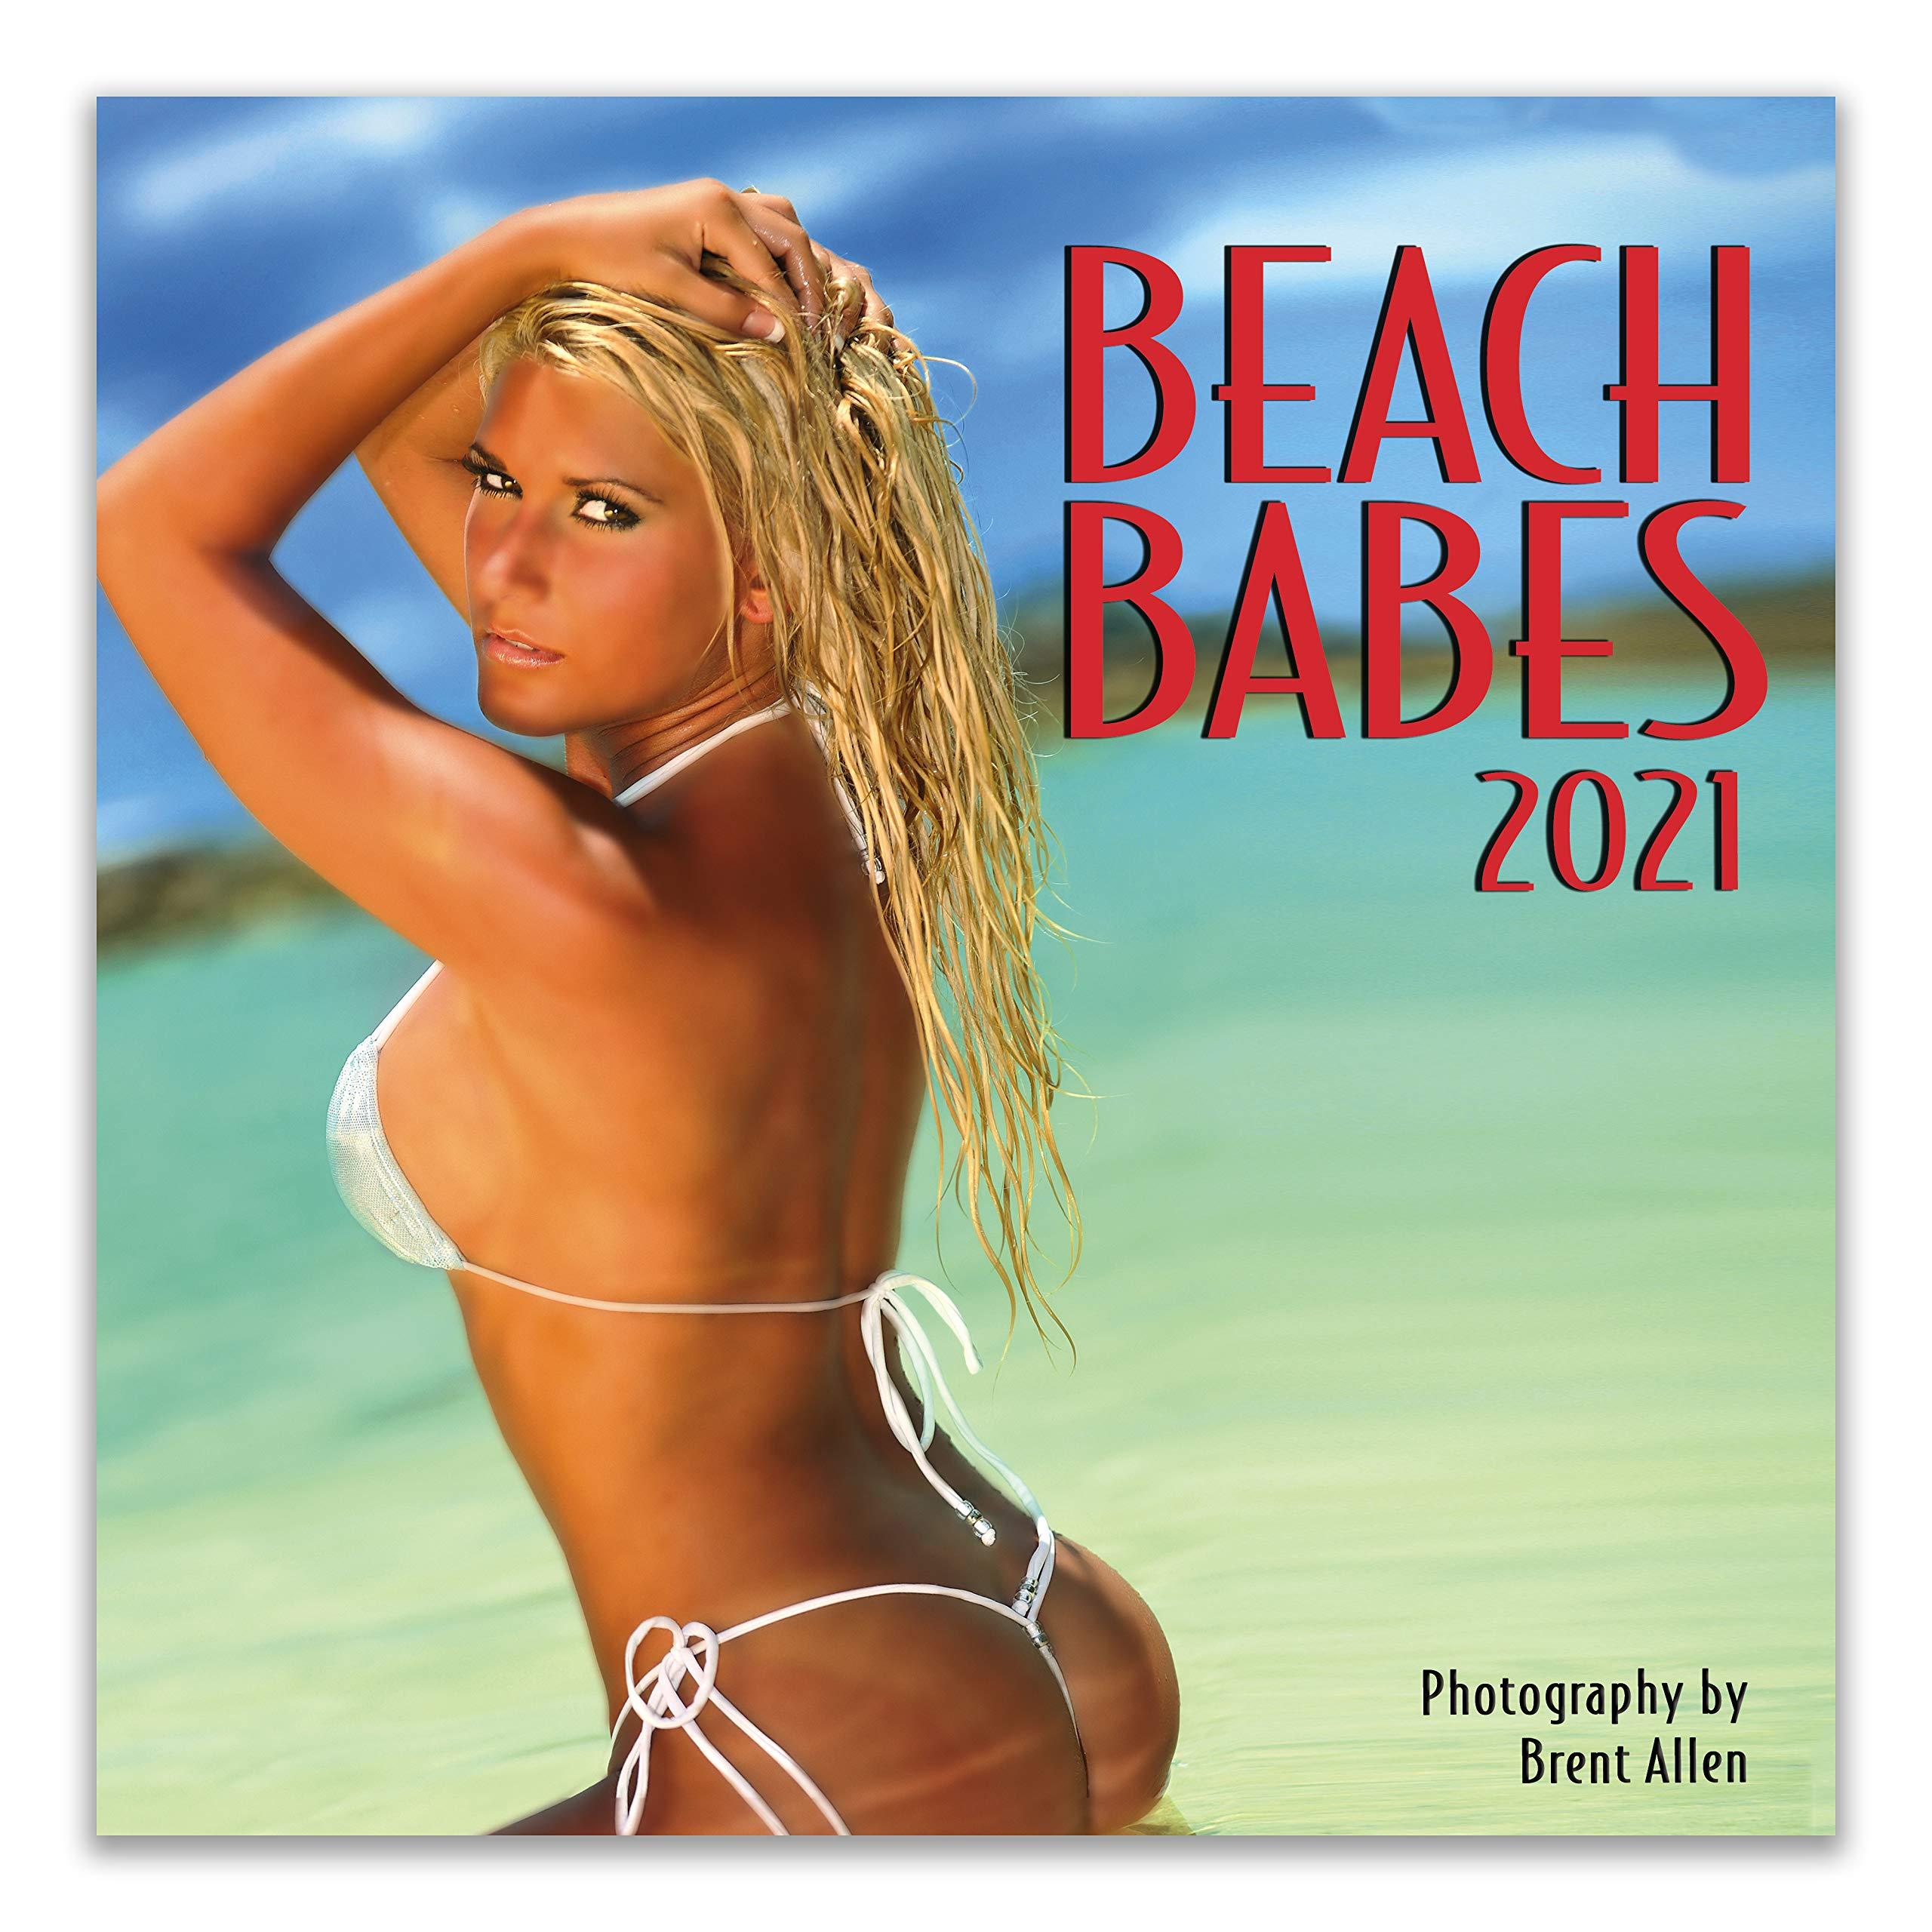 Naked beach babes Beach Babes 2021 Wall Calendar Brent Allen 9781772185454 Amazon Com Books